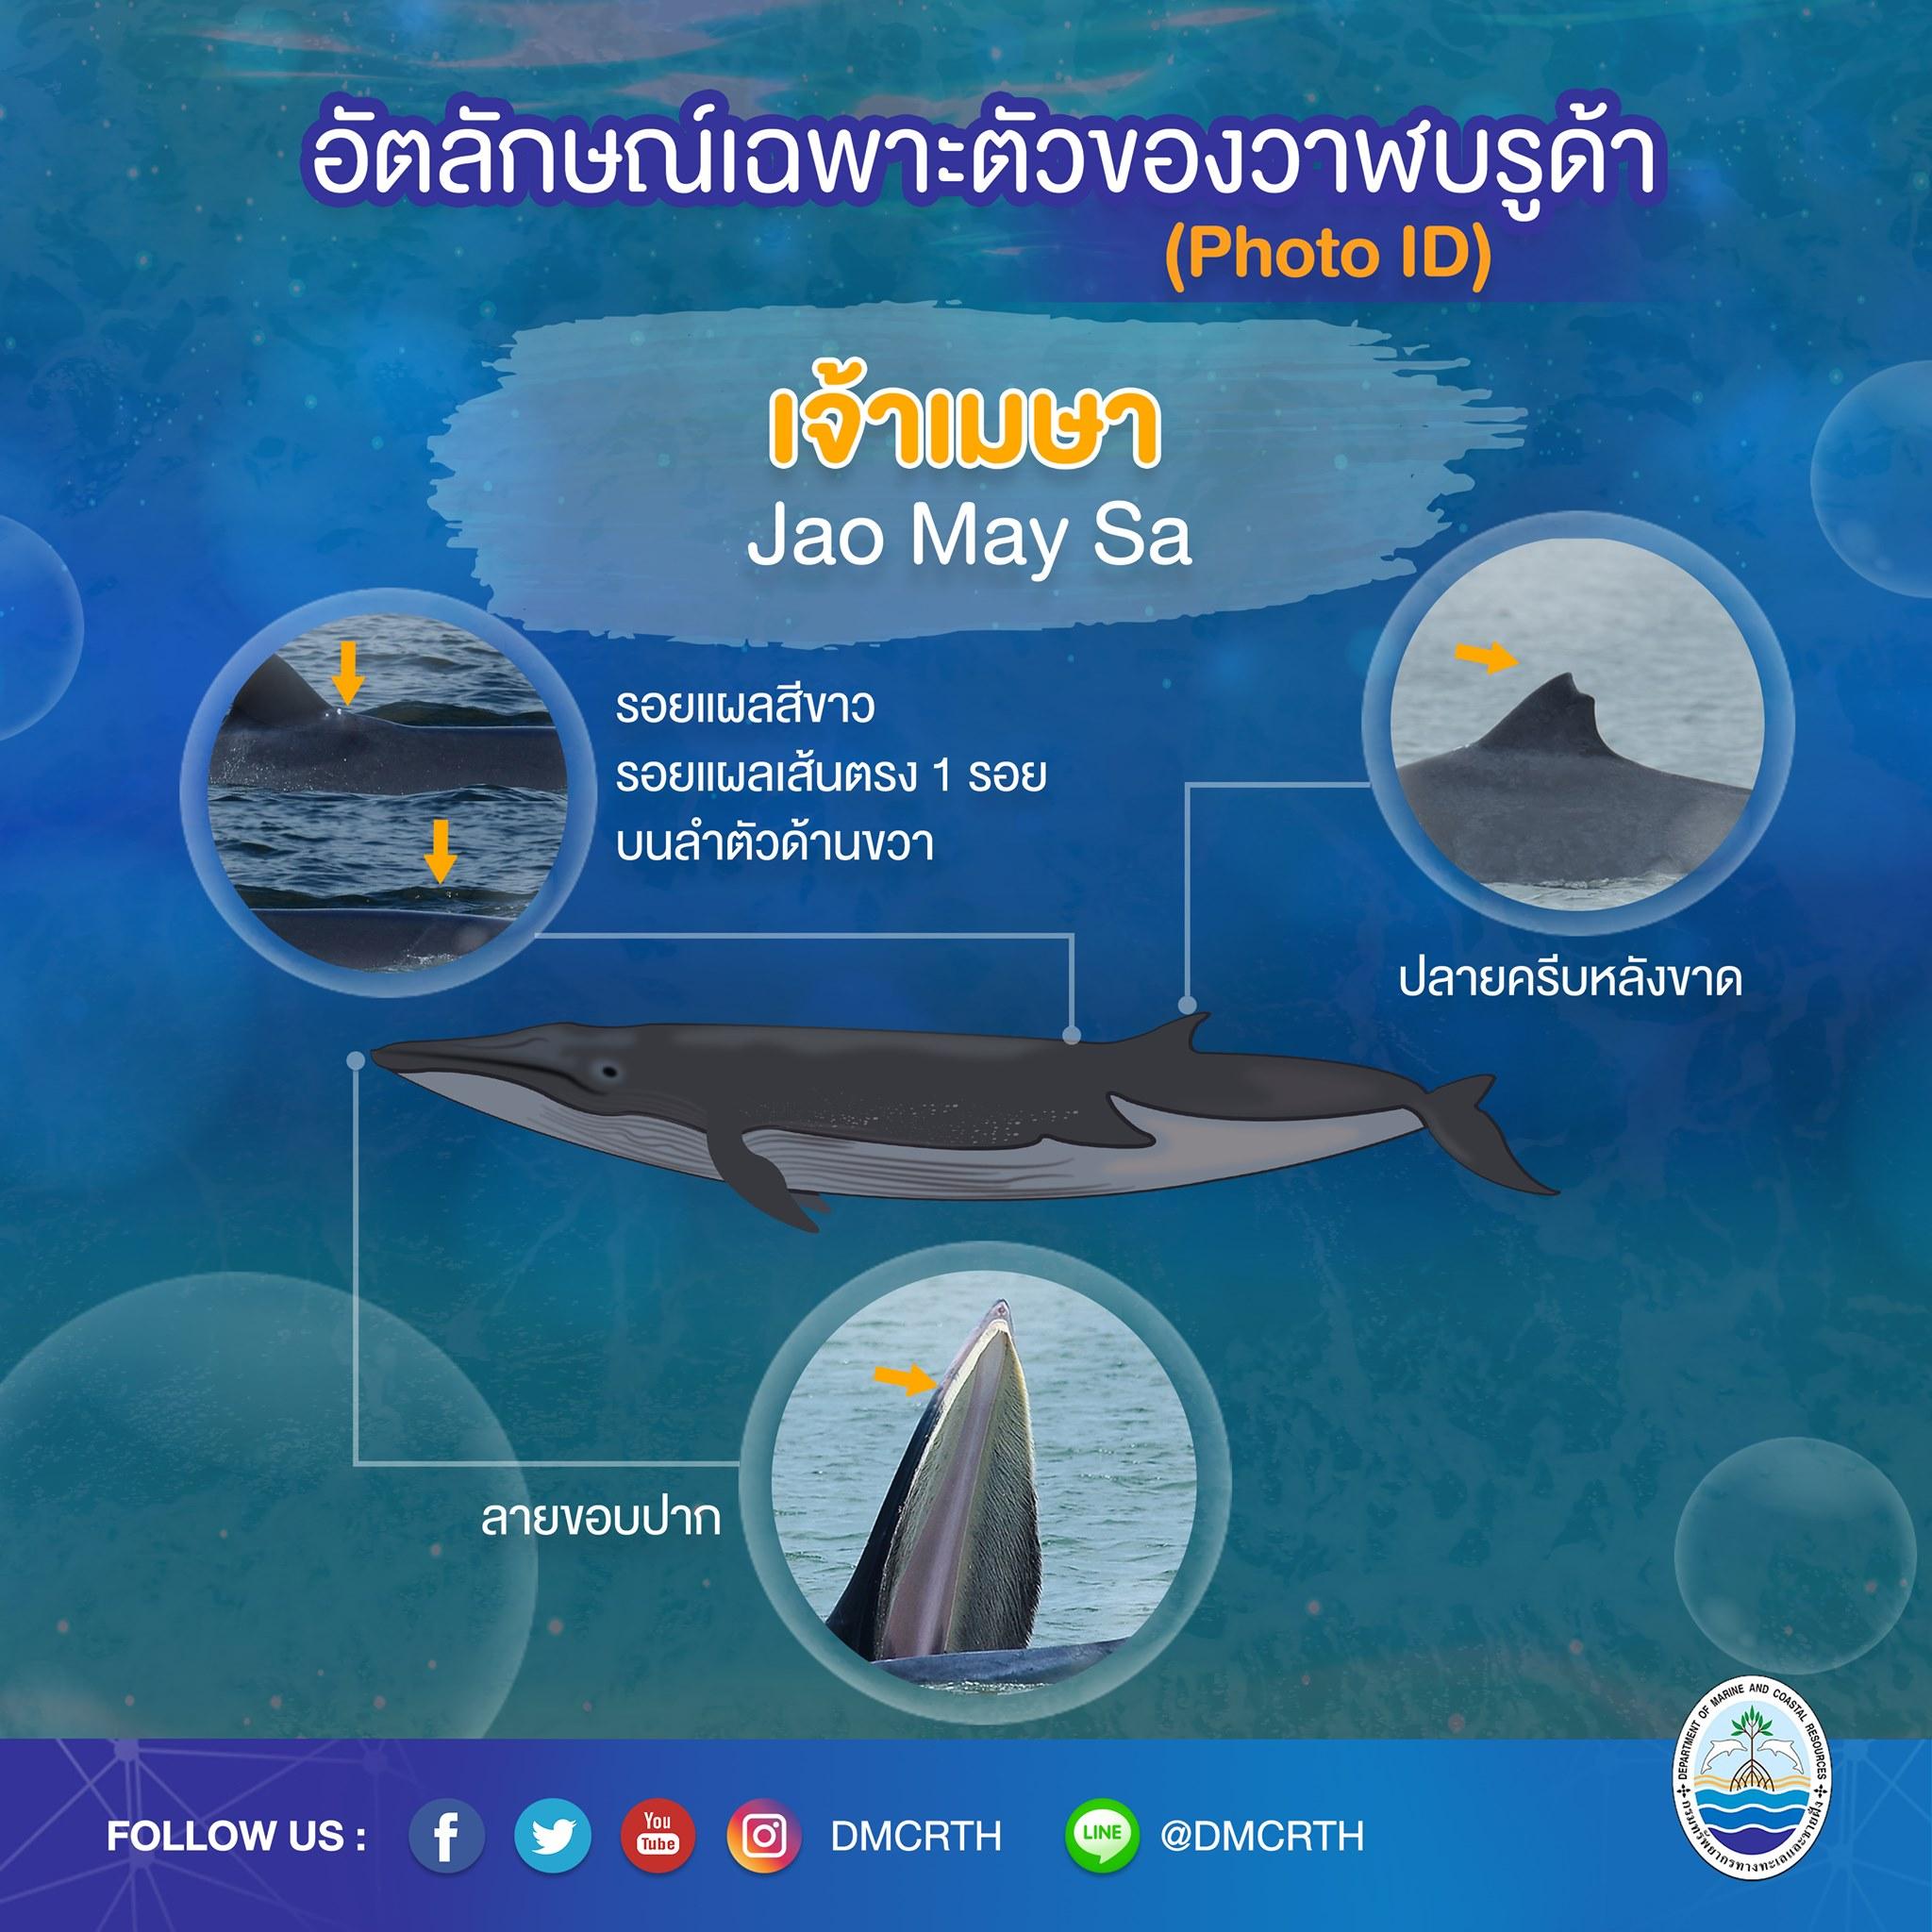 วันละวาฬ มารู้จัก ๖๐ วาฬบรูด้าในน่านน้ำไทย #๓ เจ้าเมษา